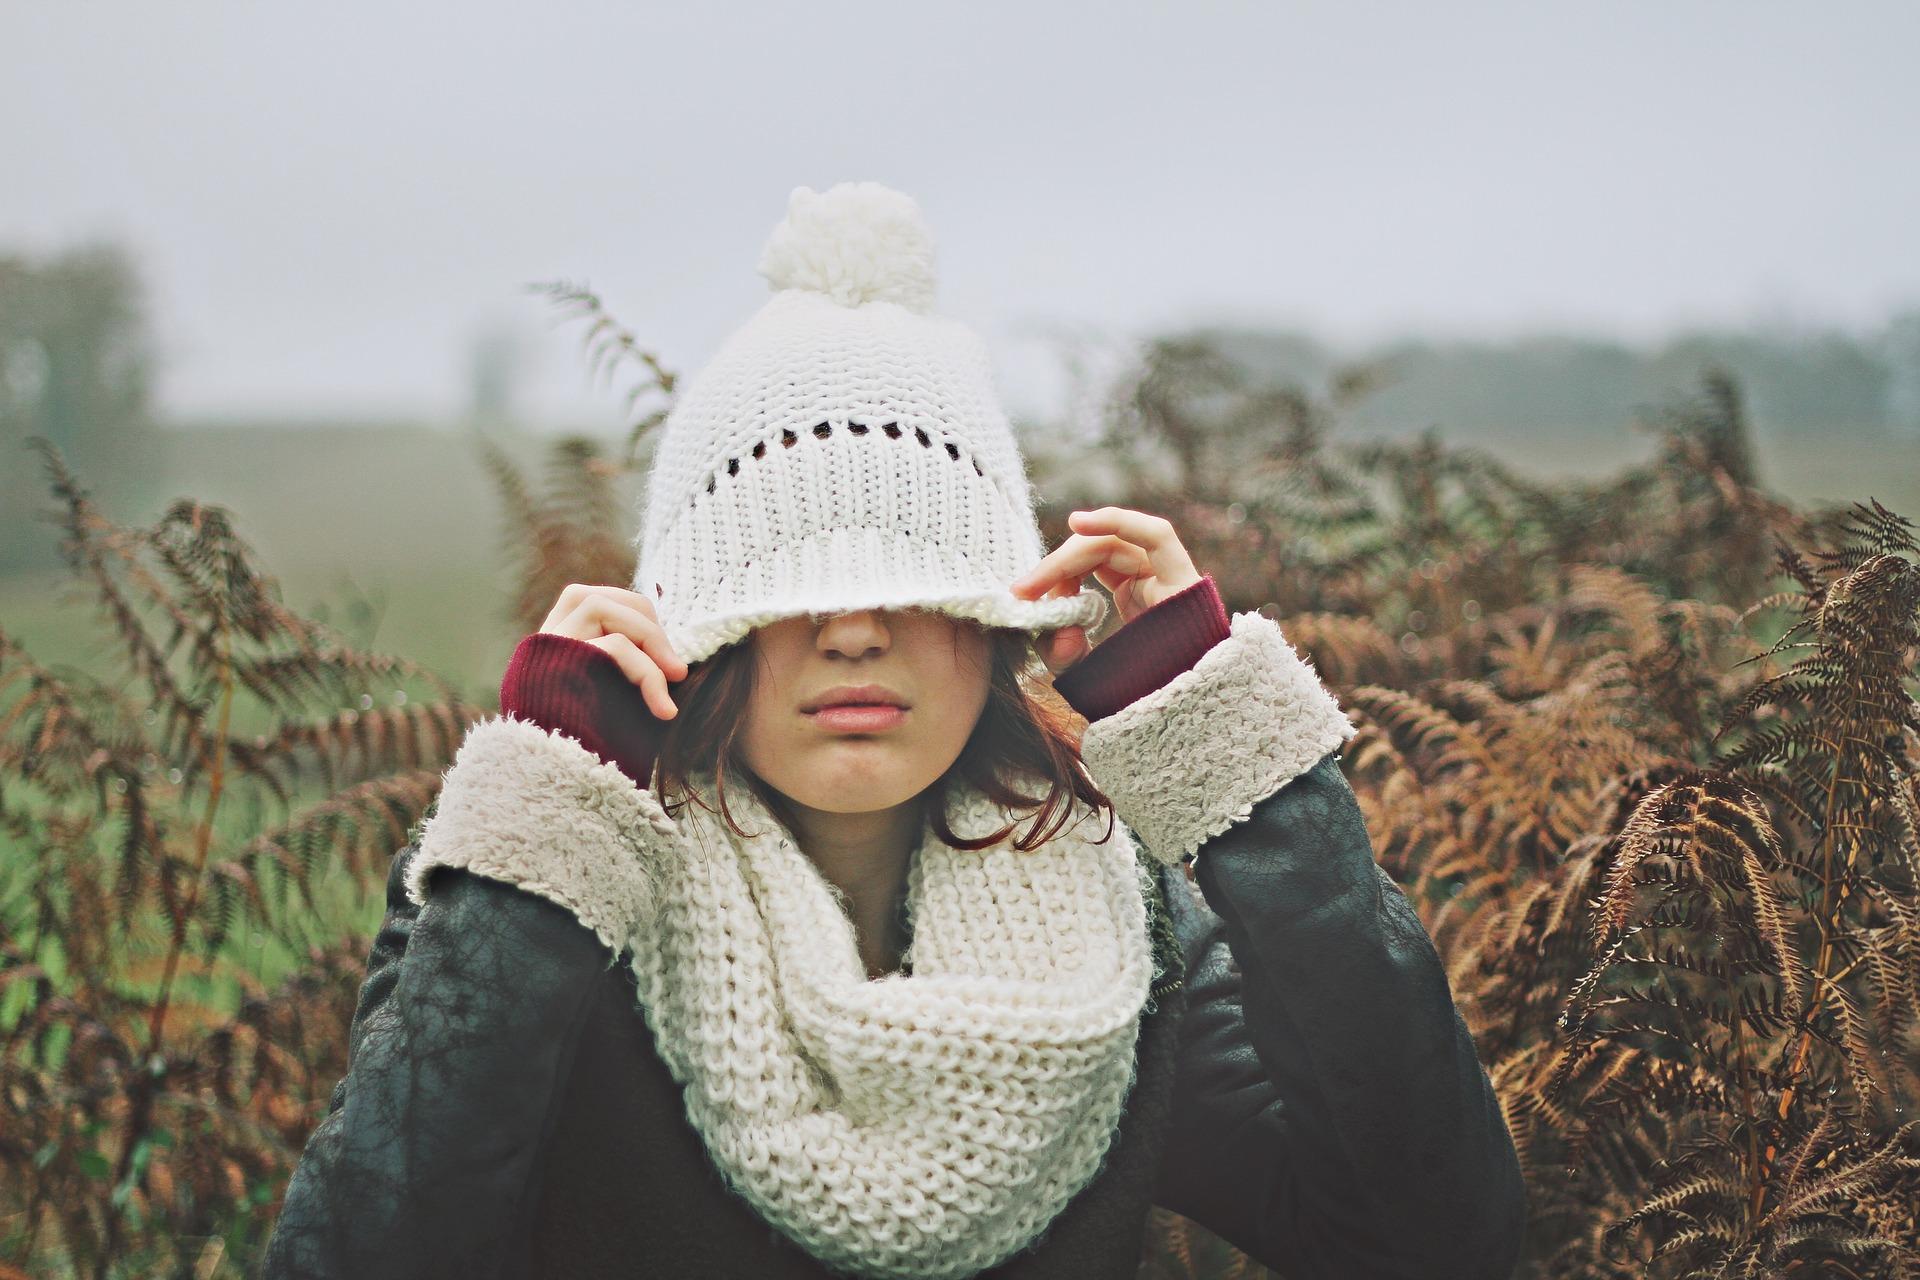 Herbsterwachen oder wie Du einen kühlen Kopf behälst